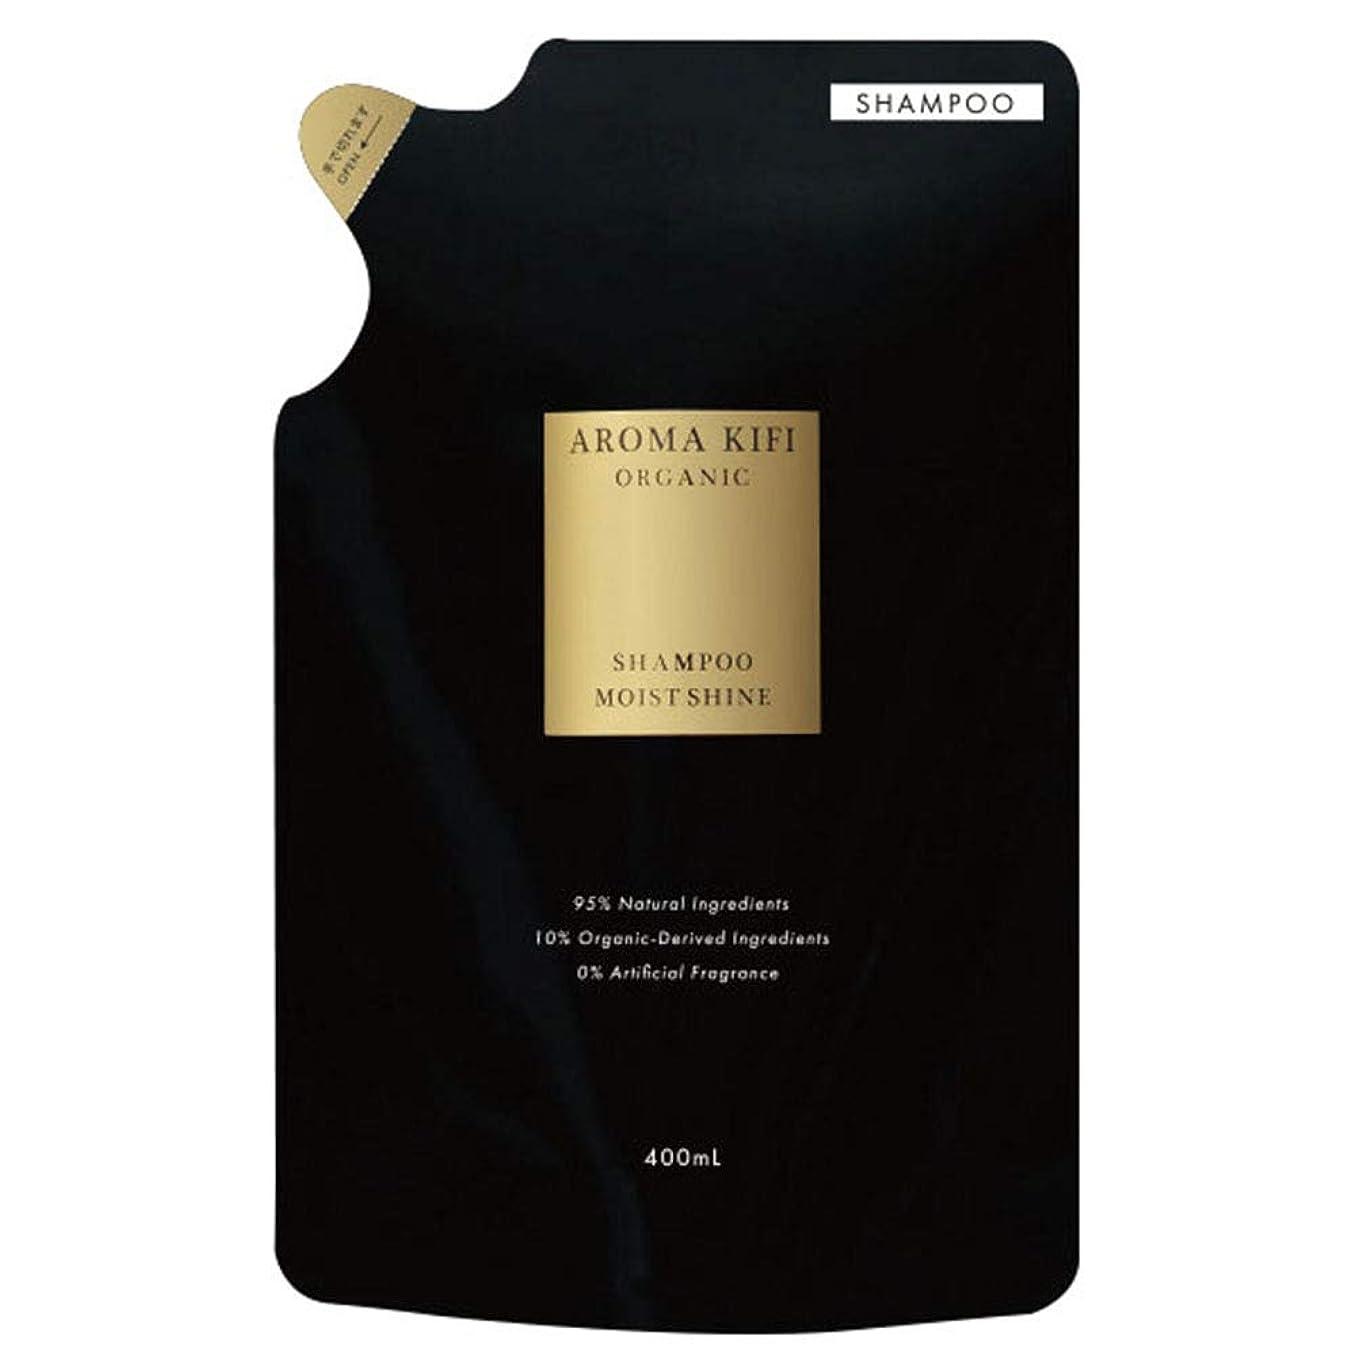 マスタード酒ラテンアロマキフィ オーガニック シャンプー 詰替え 400ml 【モイスト&シャイン】サロン品質 ノンシリコン 無添加 アロマティックハーブの香り